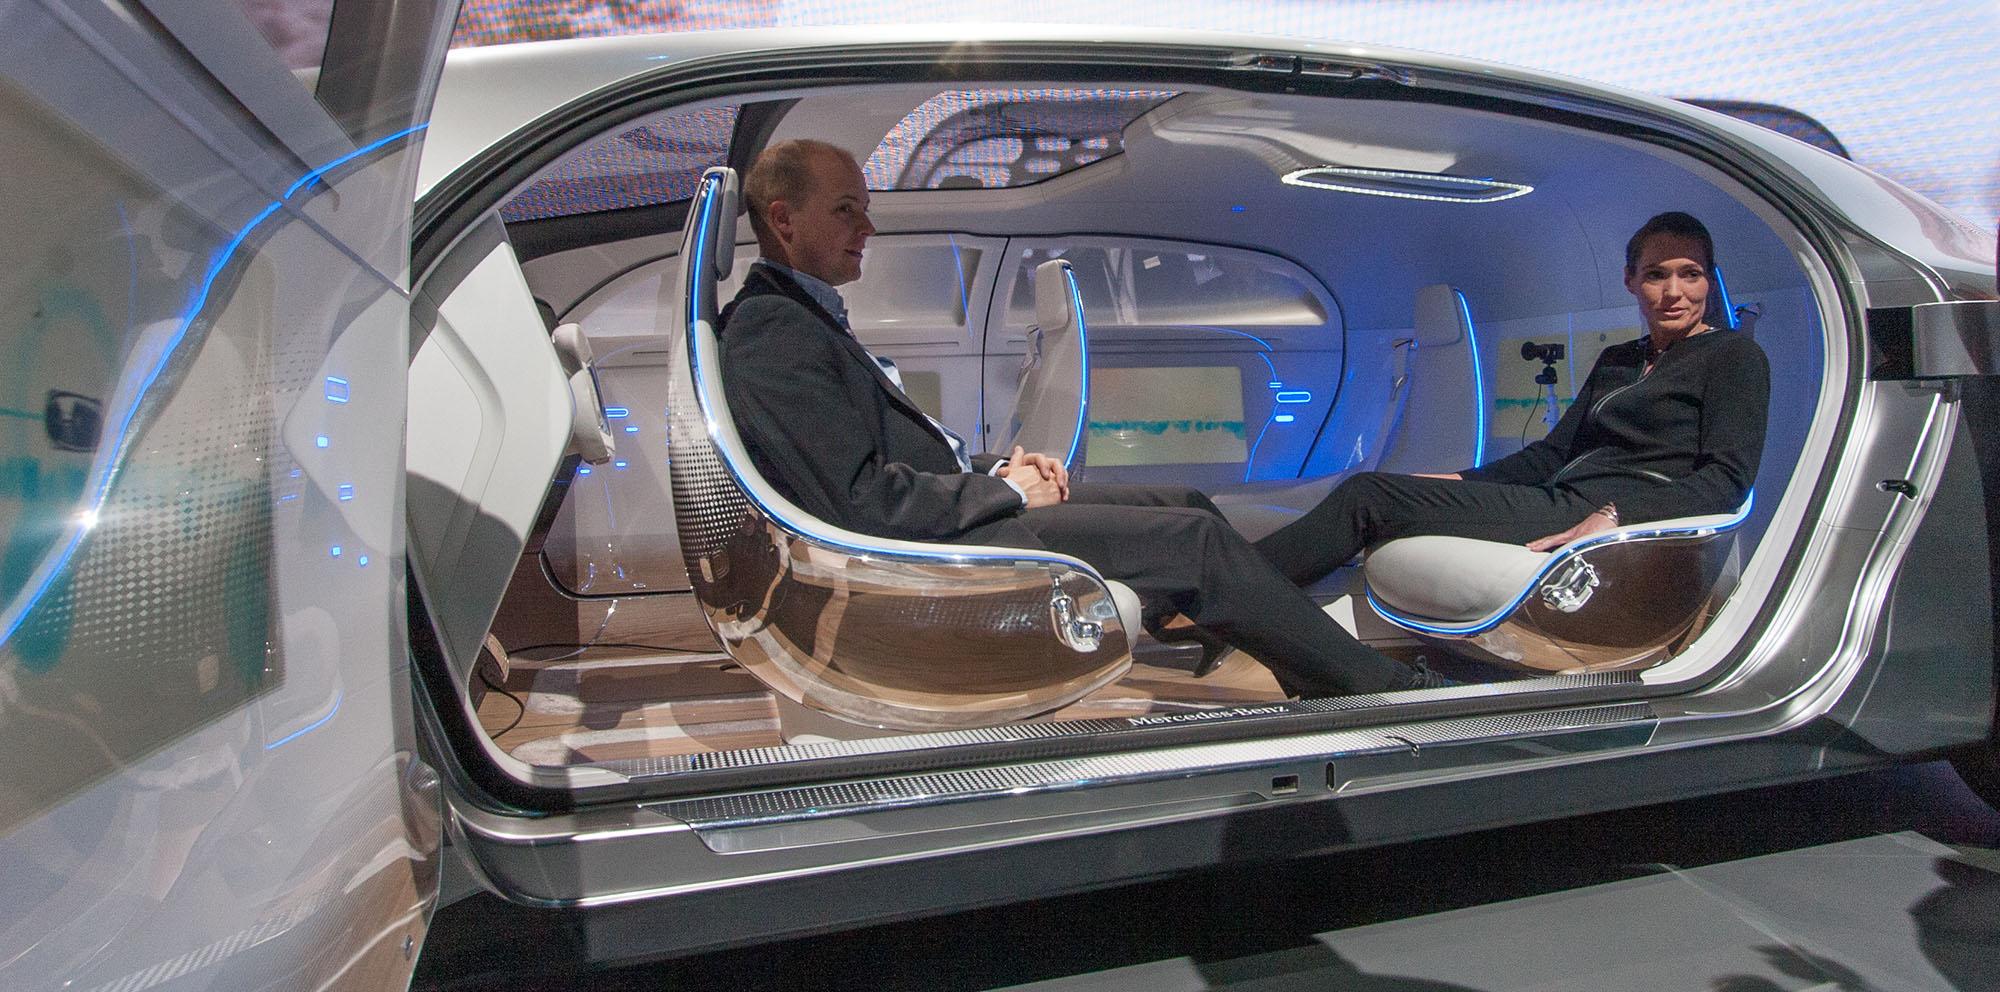 Mercedes Benz F015 Luxury In Motion Autonomous Concept